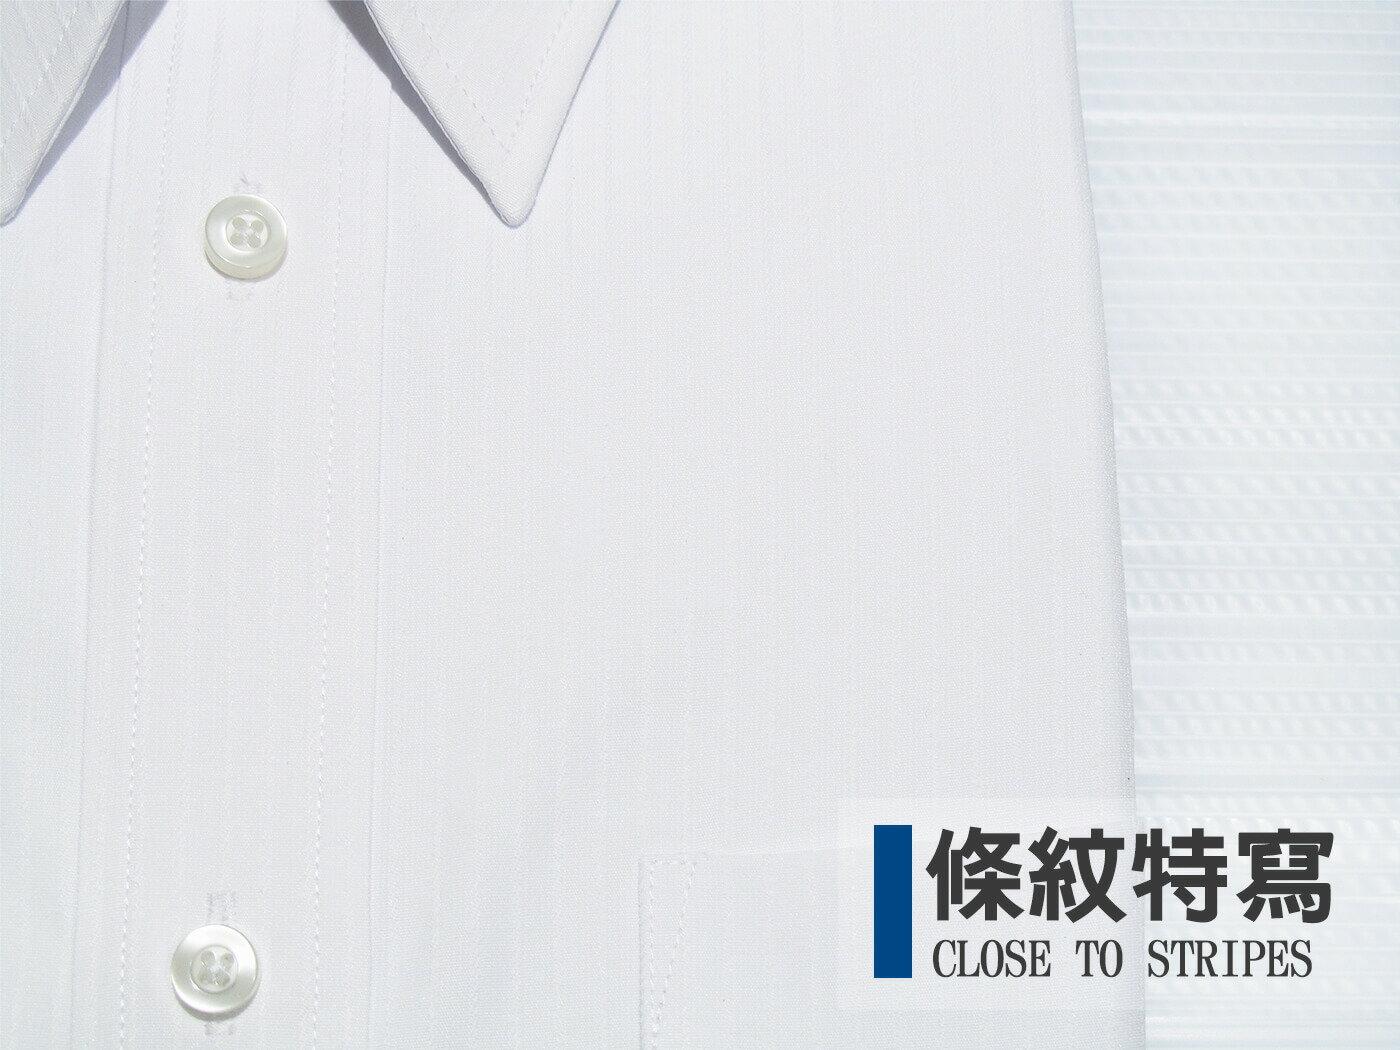 腰身剪裁防皺襯衫 吸濕排汗機能布料直條紋襯衫 柔軟舒適標準襯衫 正式襯衫 保暖襯衫 面試襯衫 上班族襯衫 商務襯衫 長袖襯衫 (322-3971)白色條紋、(322-3972)藍白條紋、(322-3976)藍點條紋、(322-3978)紫白條紋 領圍:15~18英吋 [實體店面保障] sun-e322 3